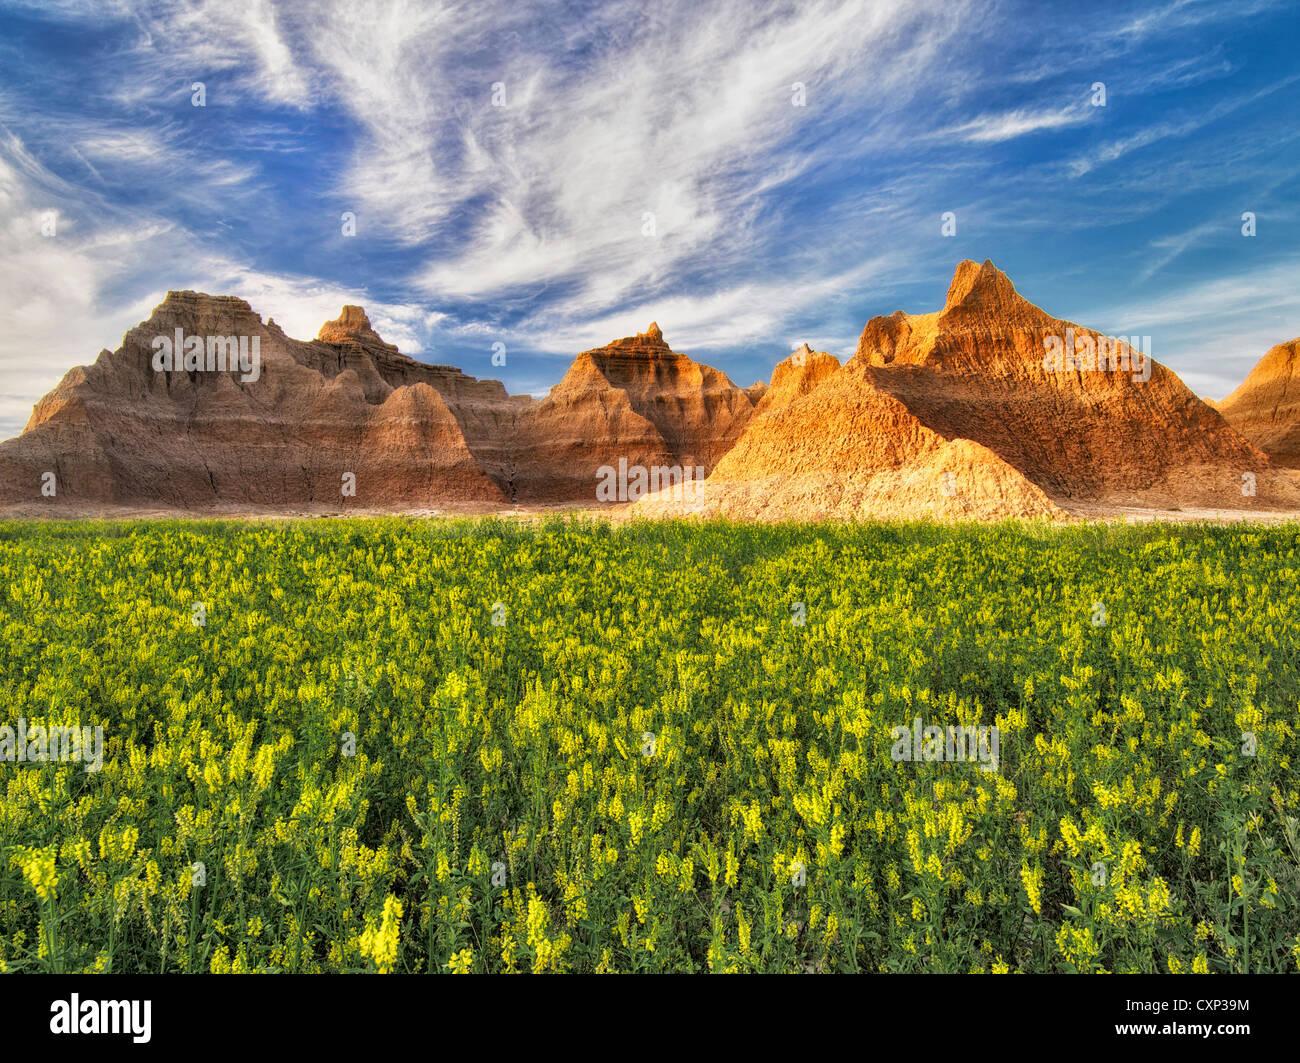 Amarillo Dulce de trébol y formaciones rocosas. El Parque Nacional Badlands, Dakota del Sur. Imagen De Stock